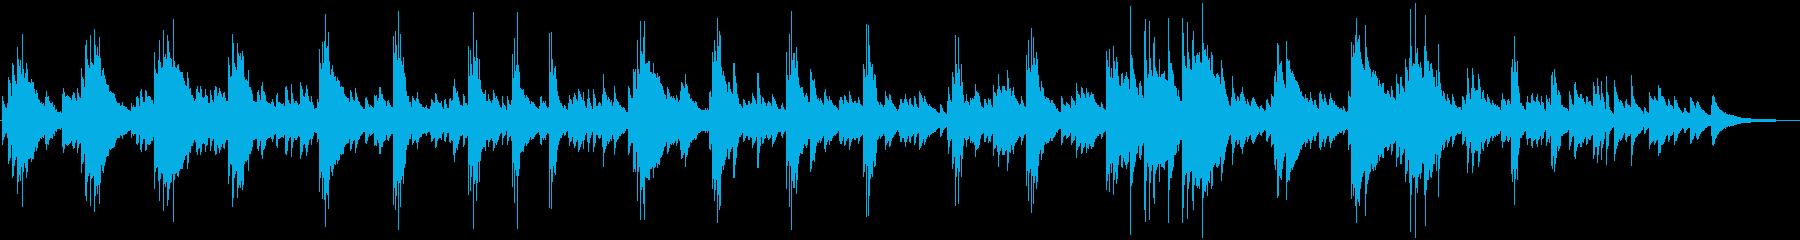 映画で流れそうな切ないピアノ音楽の再生済みの波形